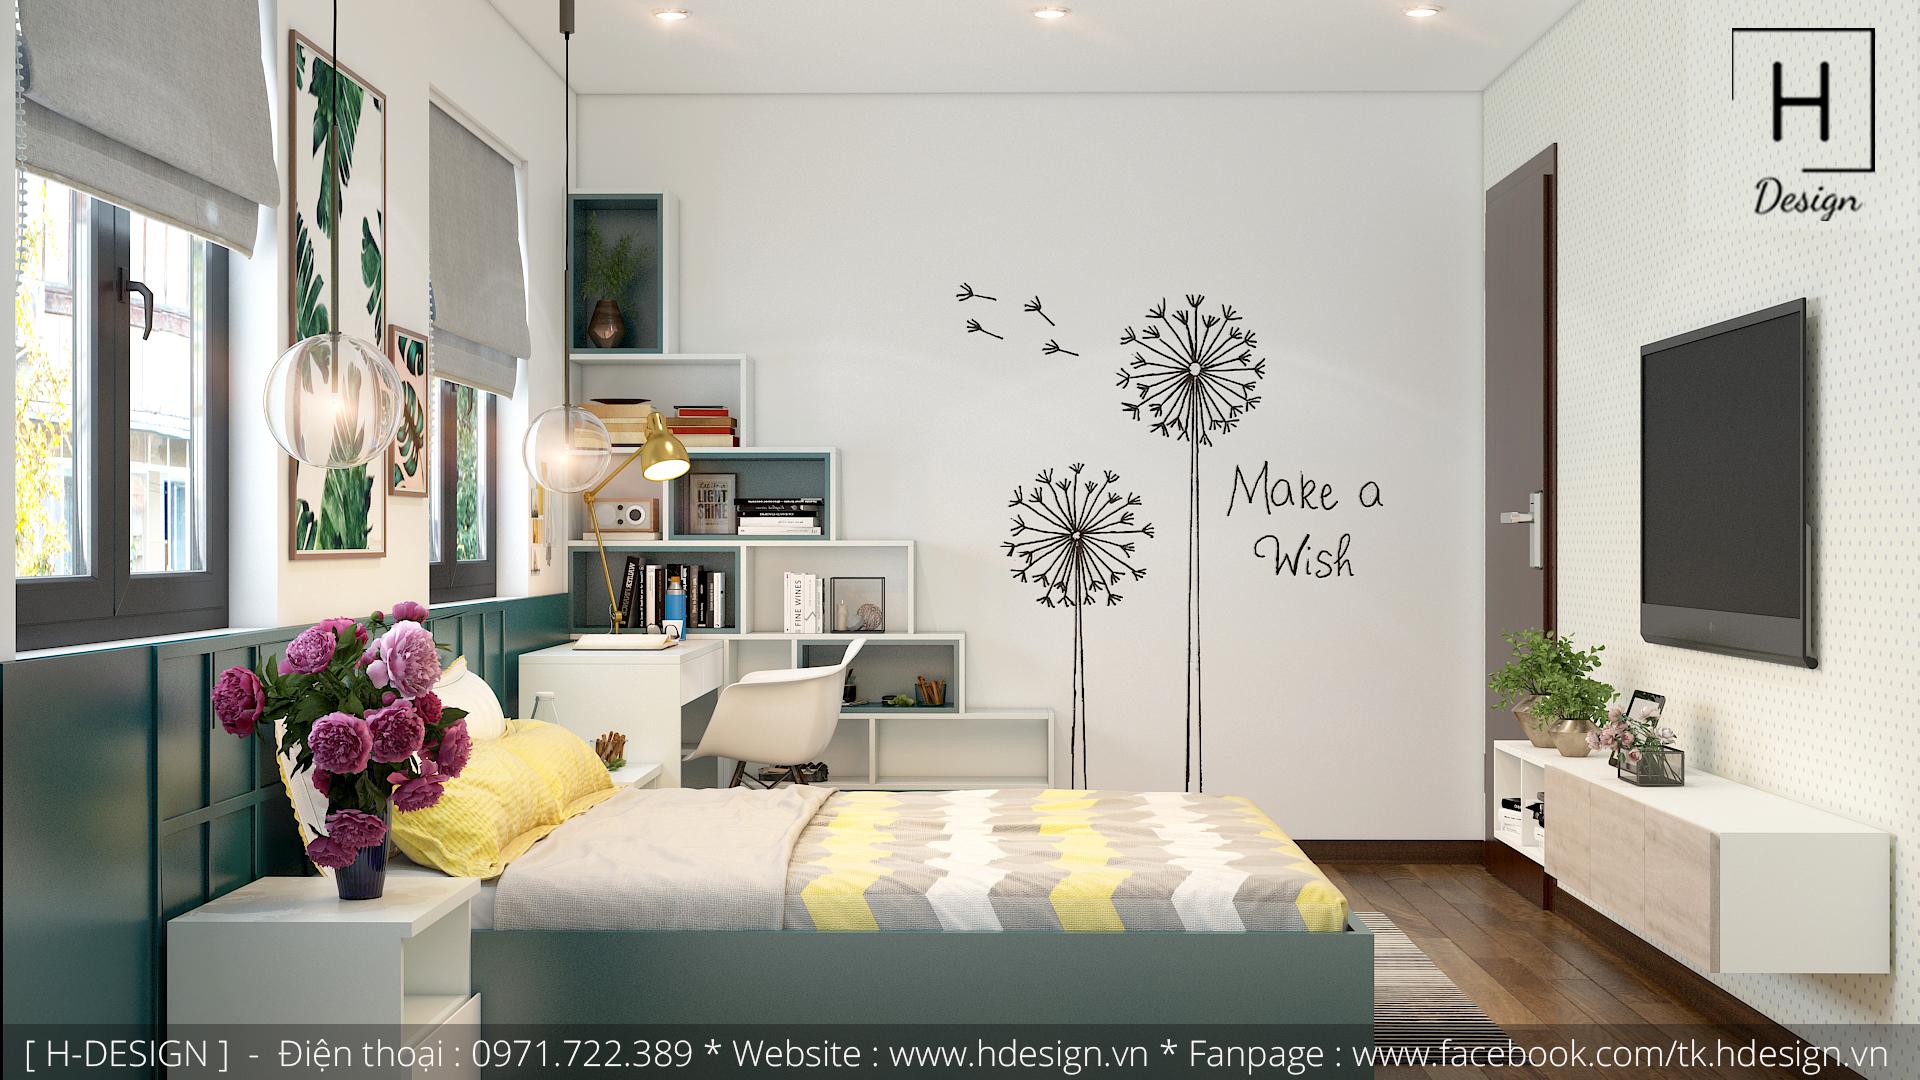 Thiết kế thi công nội thất nhà phố đẹp tại Tây Hồ - Hà Nội 8